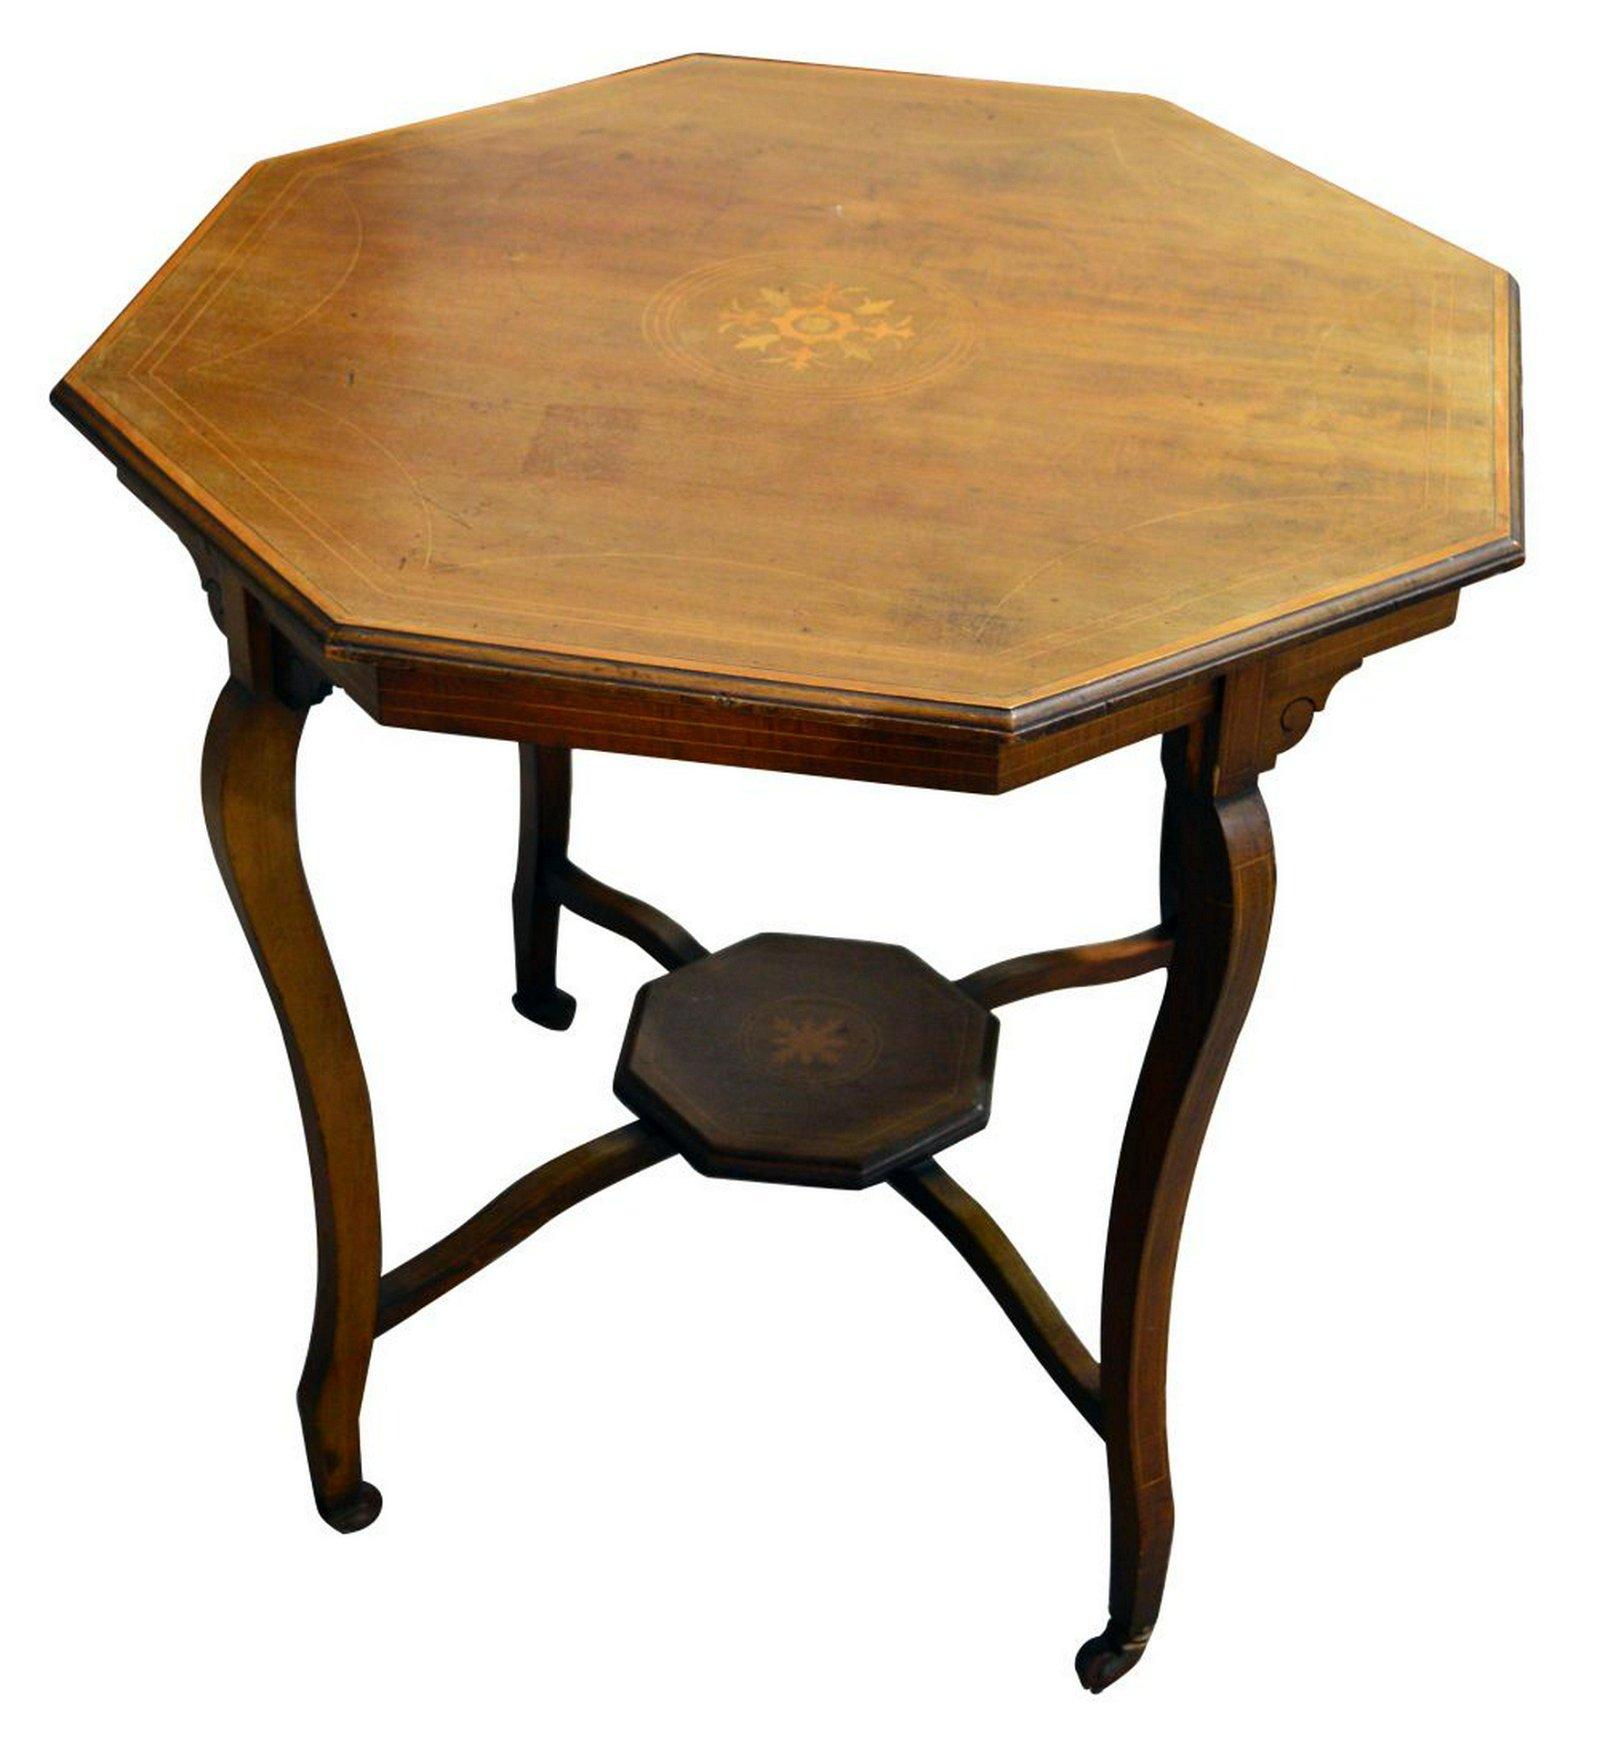 Mahogany Edwardian table